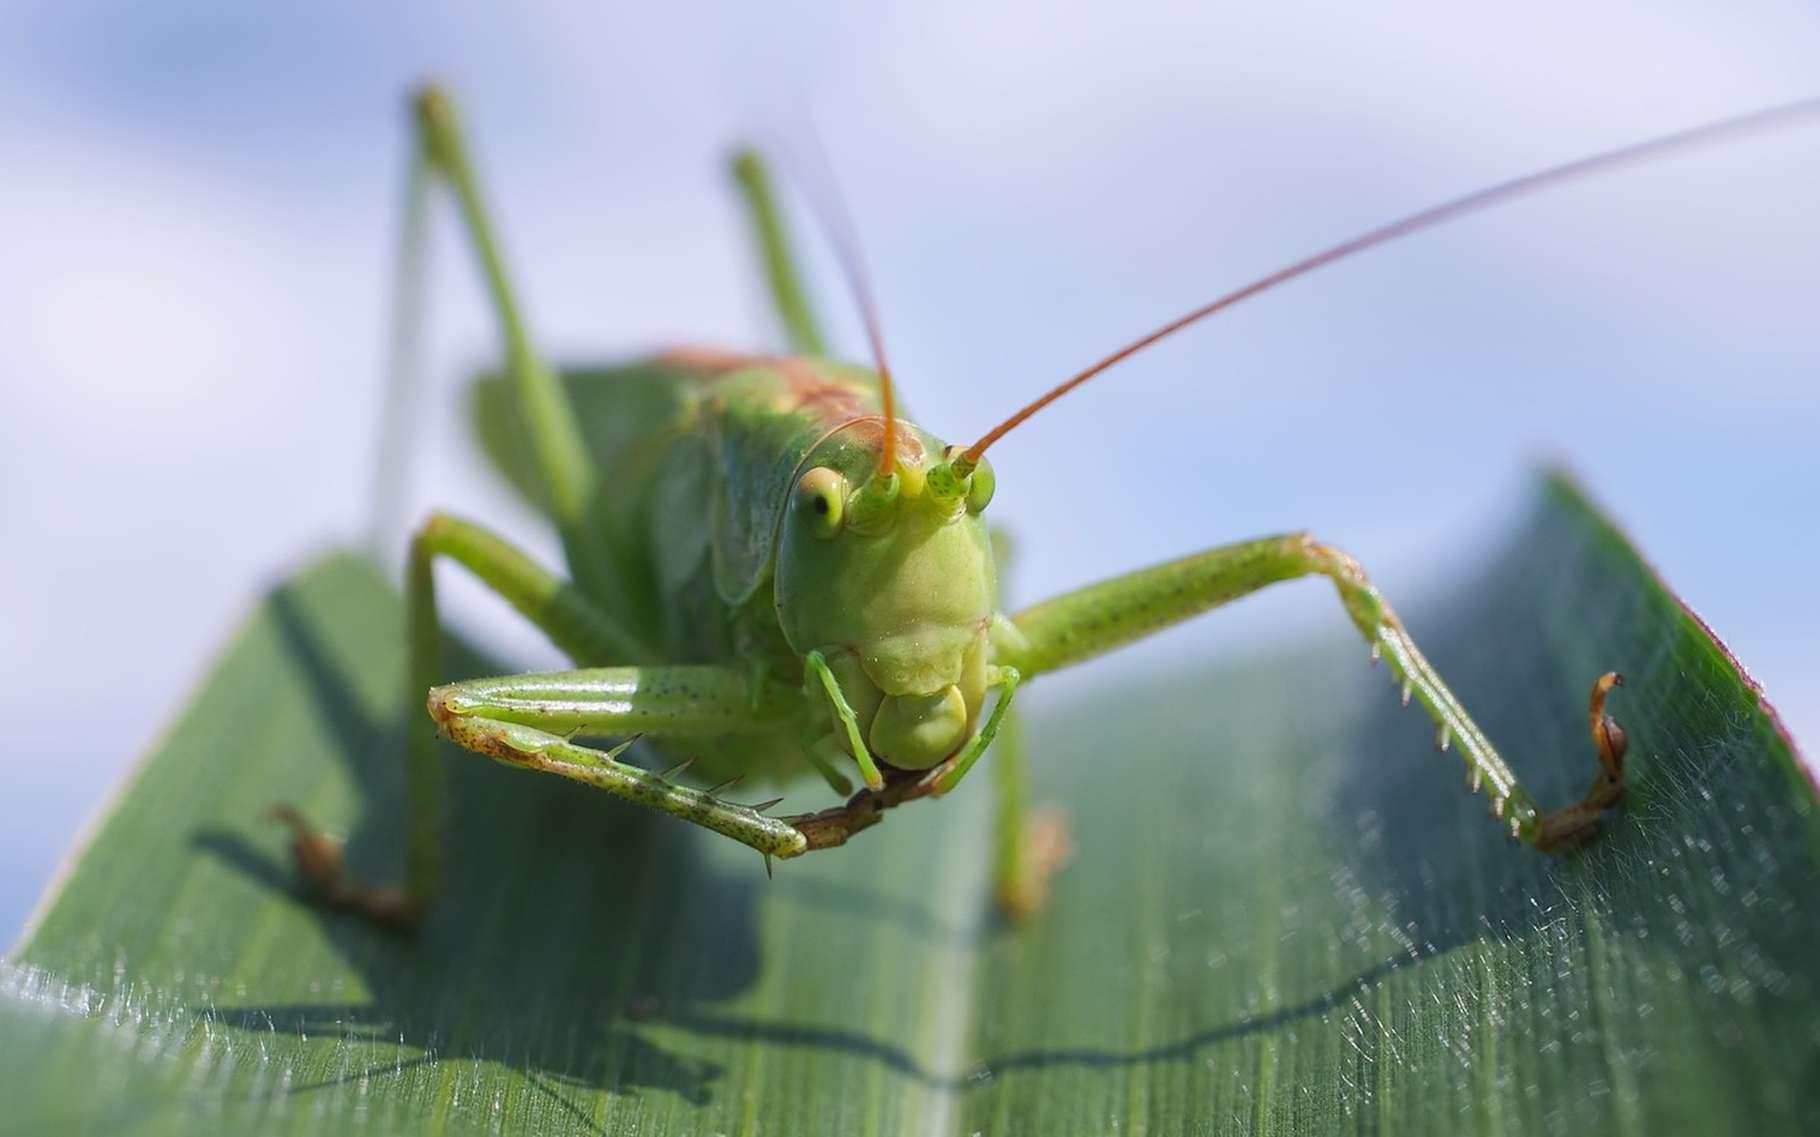 Les sauterelles sont munies de longues antennes et, contrairement aux grillons, leur corps peut être vert. © realworkhard, Pixabay, DP